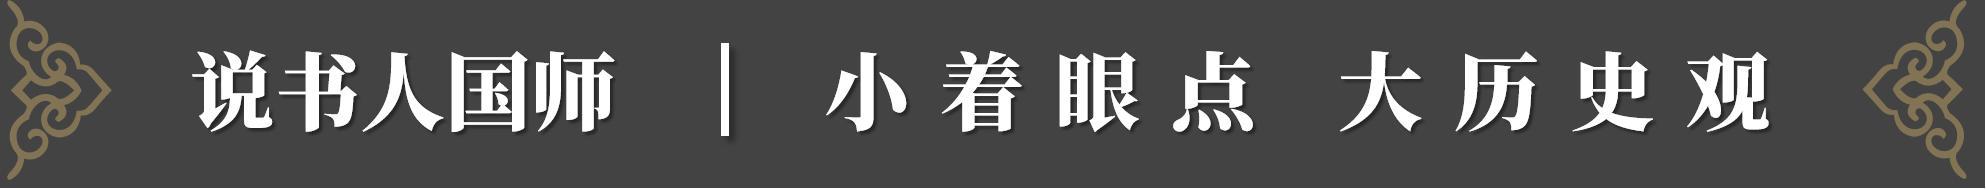 姓苏的名人,数学之王苏步青的婚姻:穷小子娶日本千金,婚后她几十年未添新衣